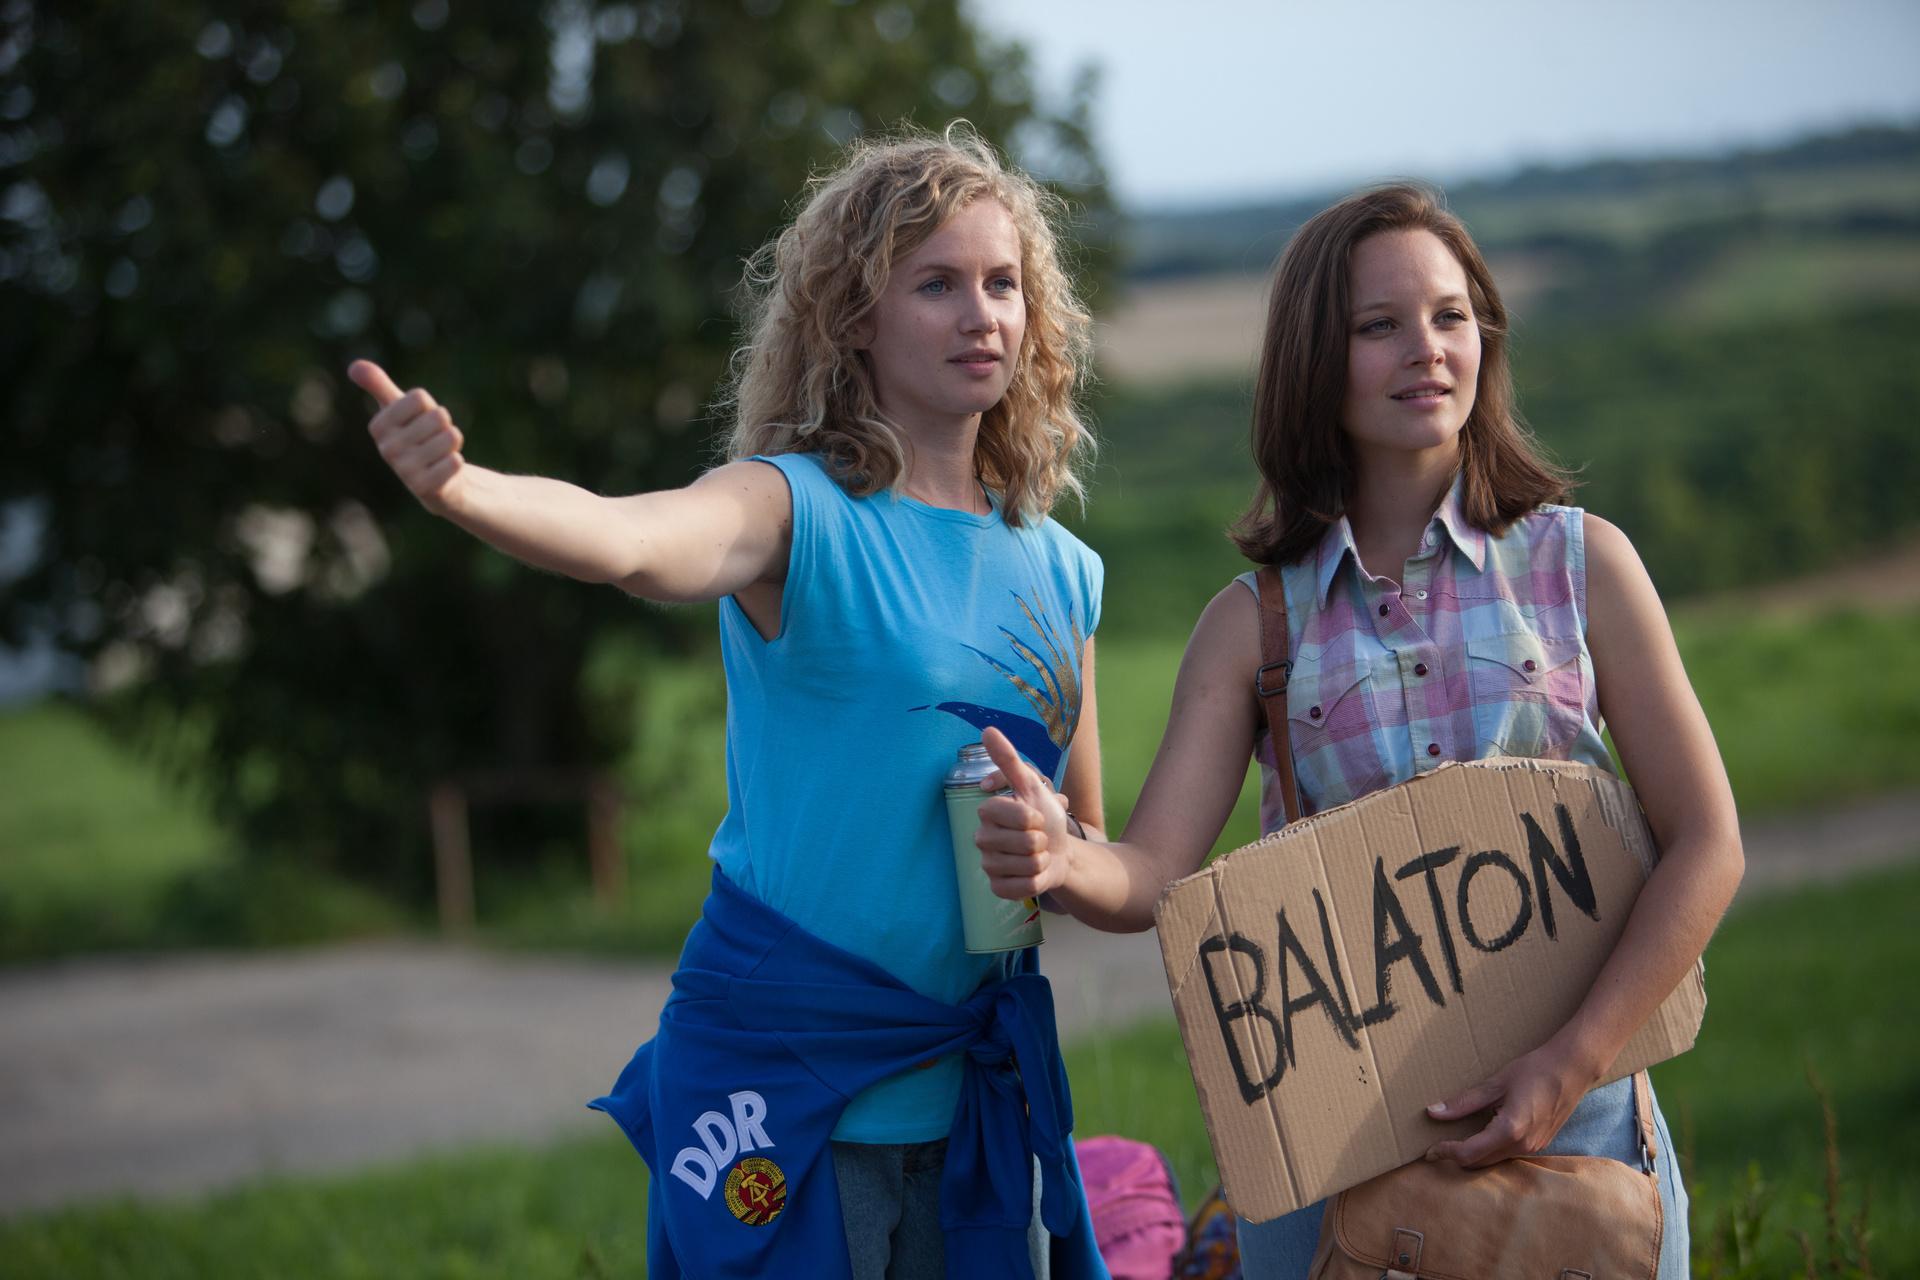 Die beiden Schwestern Catrin Streesemann (Cornelia Gröschel, l.) und Maja Streesemann (Sonja Gerhardt, r.) versuchen per Anhalter zum Balaton zu kommen, wo sie ihren gemeinsamen Urlaub verbringen möchten.